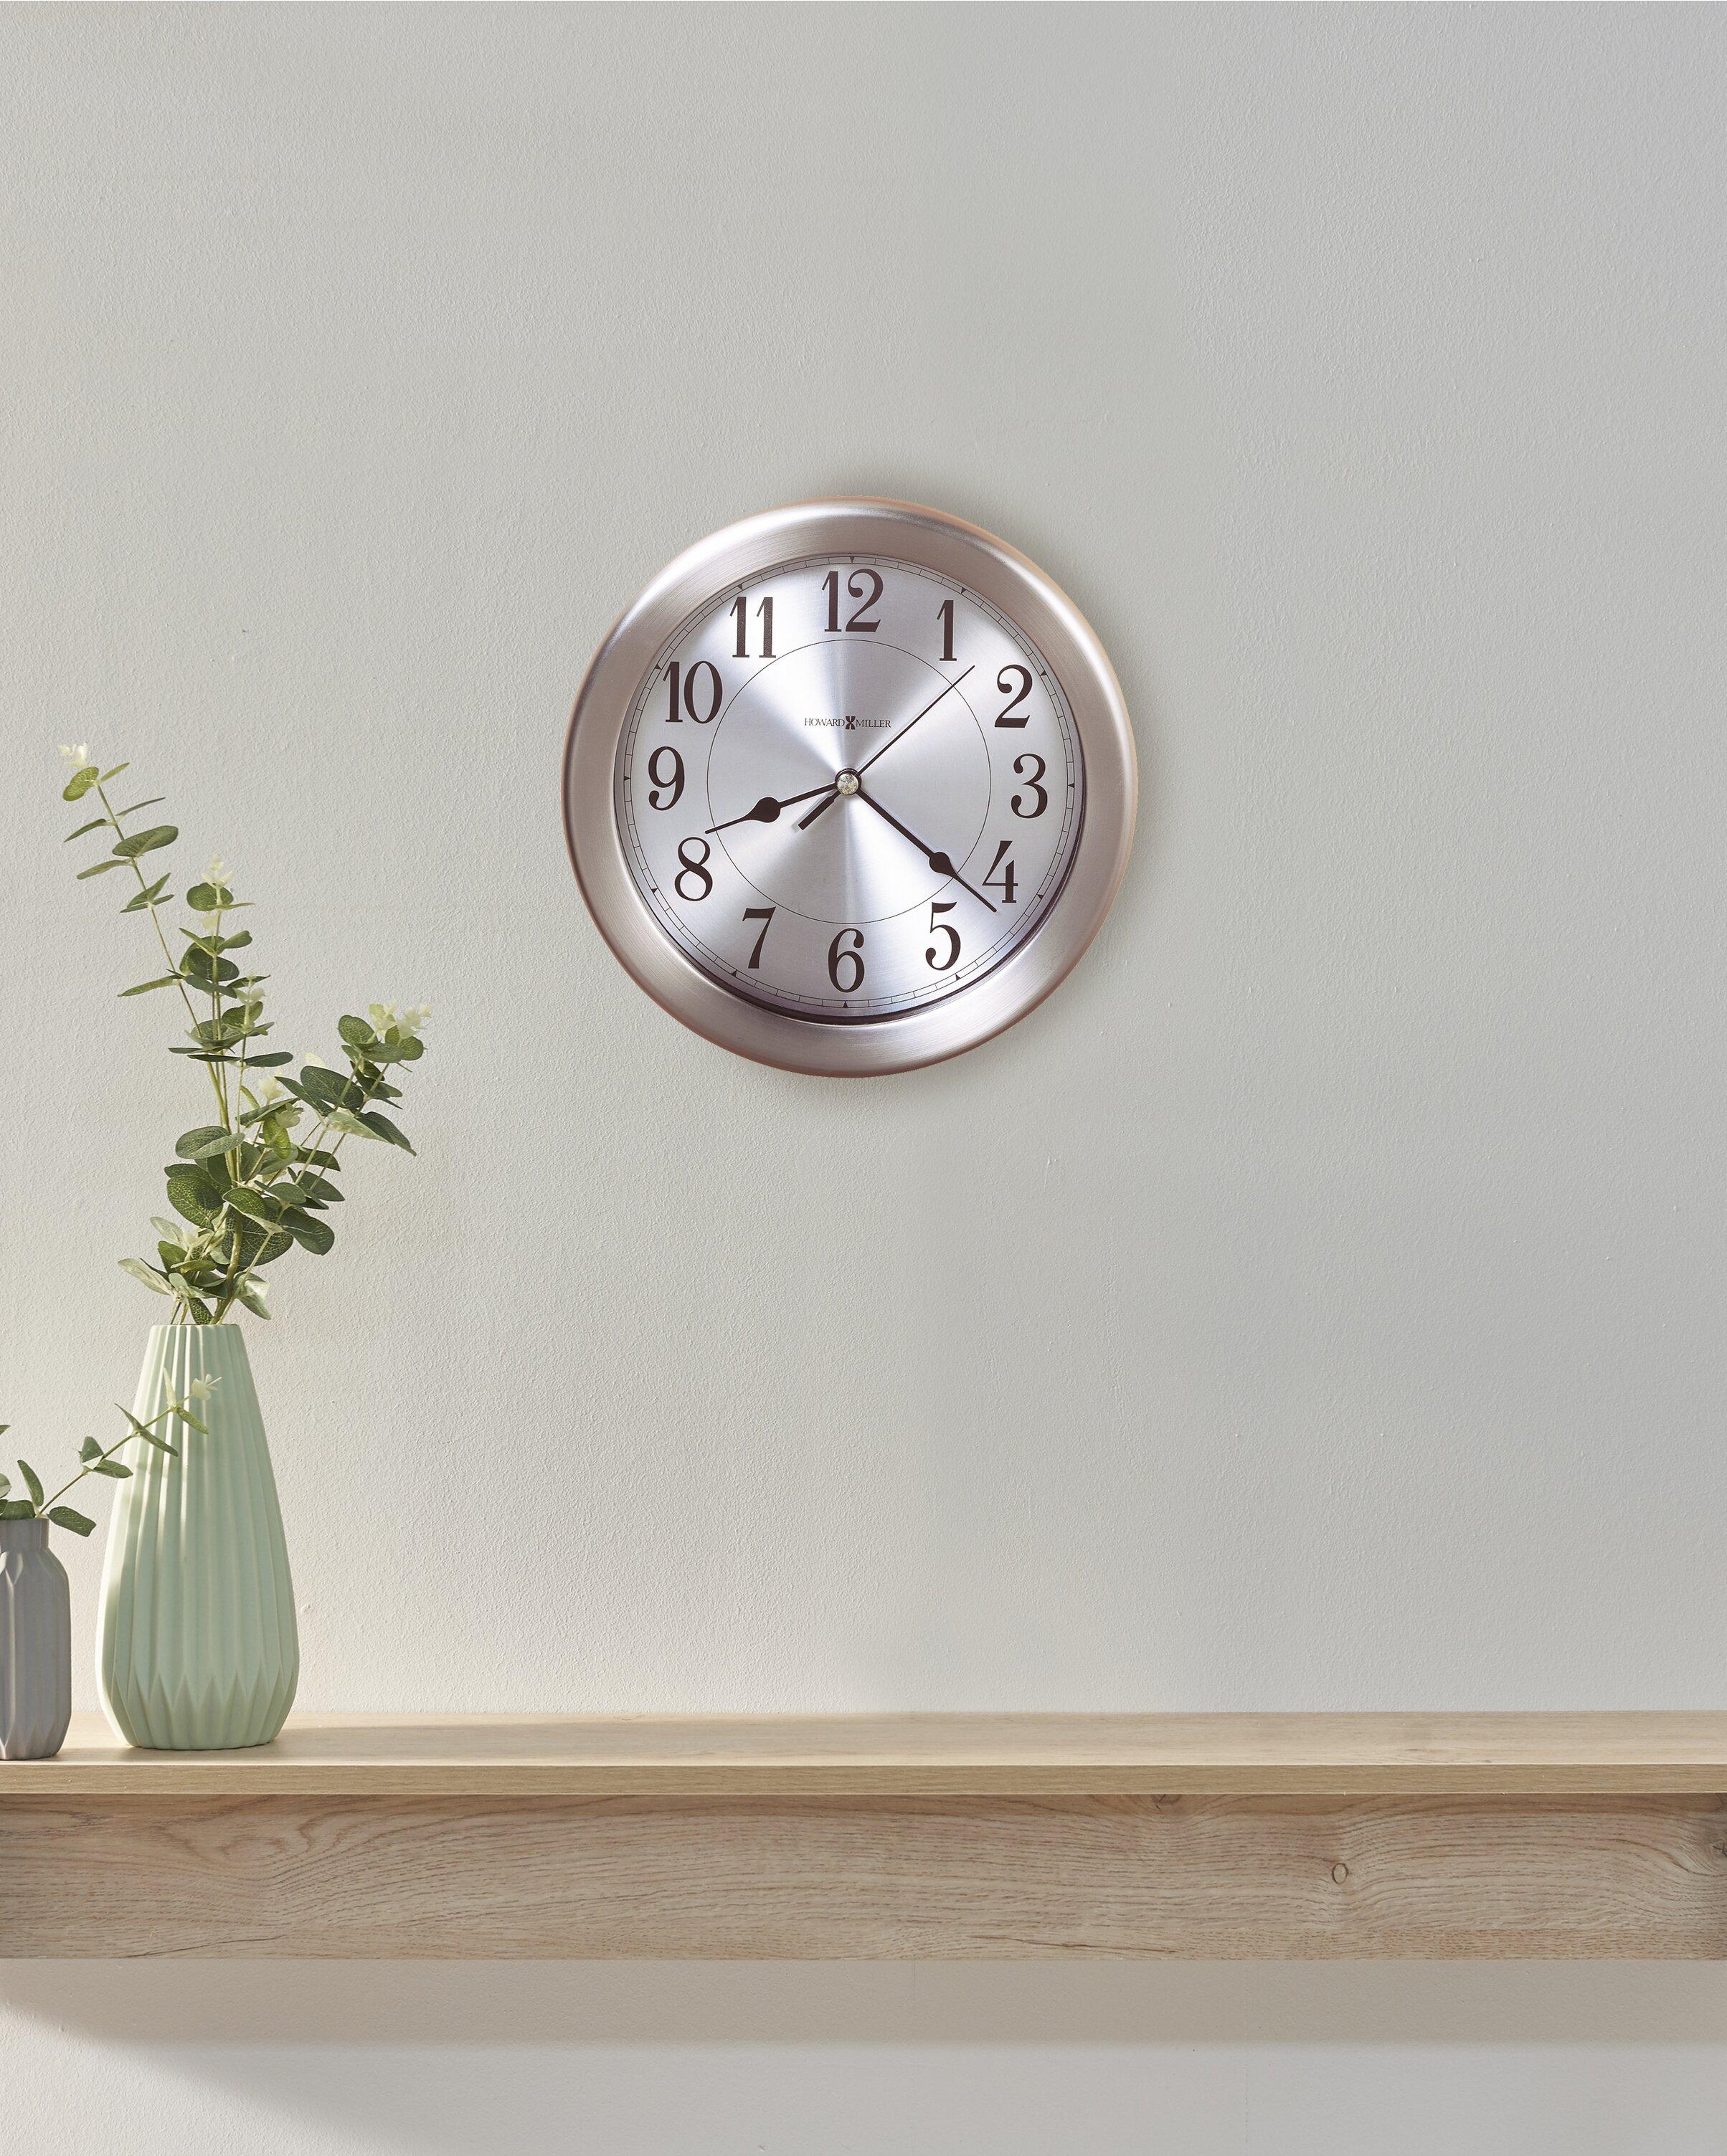 Howard Miller Special Wall Mount Pisces Quartz 8 5 Clock Reviews Wayfair